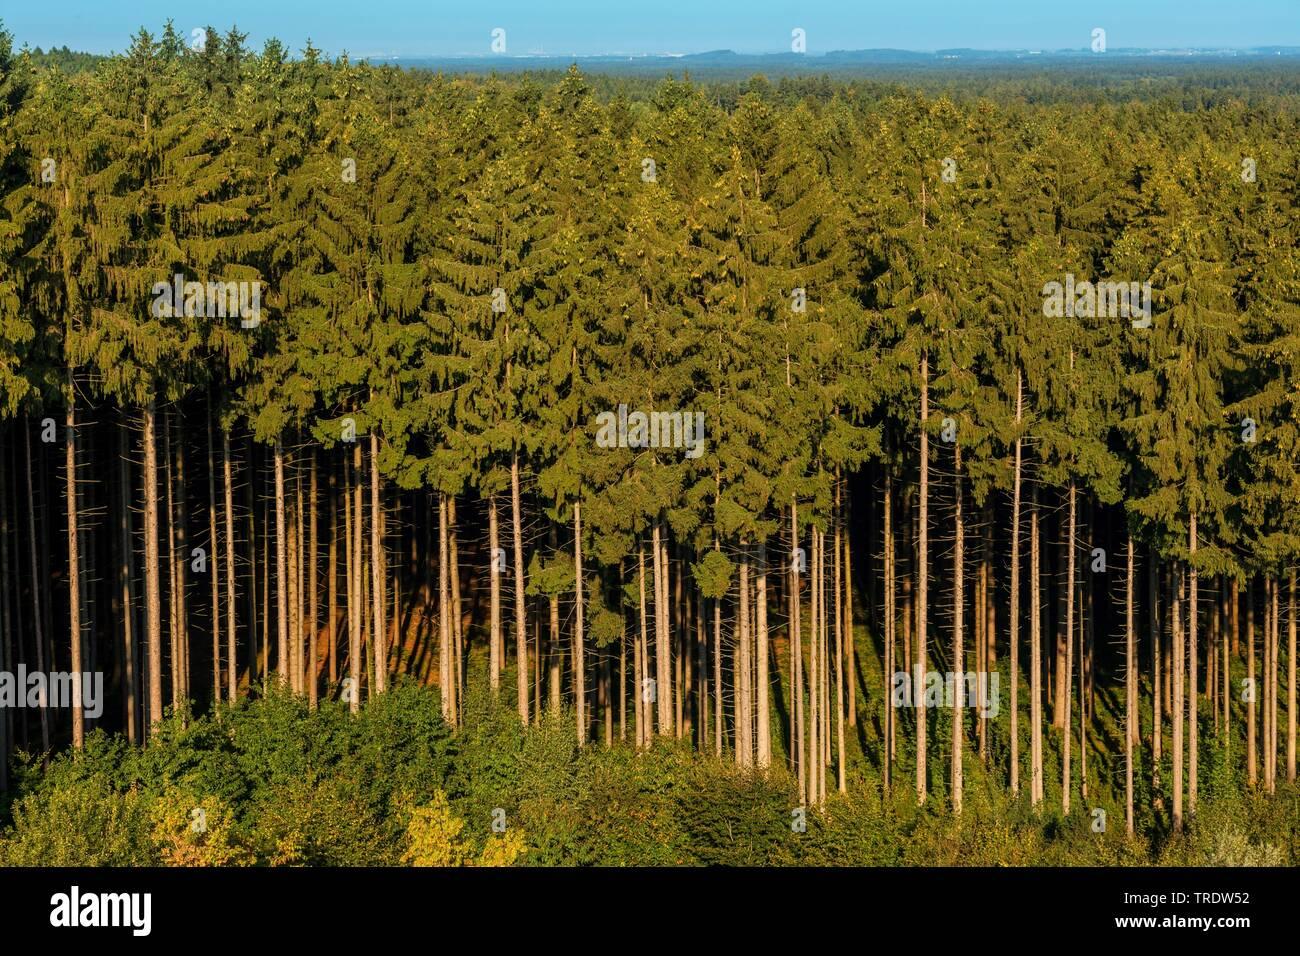 Gemeine Fichte, Gewoehnliche Fichte (Picea abies), Plantagenhochwald, Baeume mit zahlreichen Zapfen, Deutschland, Bayern, Ebersberg   Norway spruce (P - Stock Image